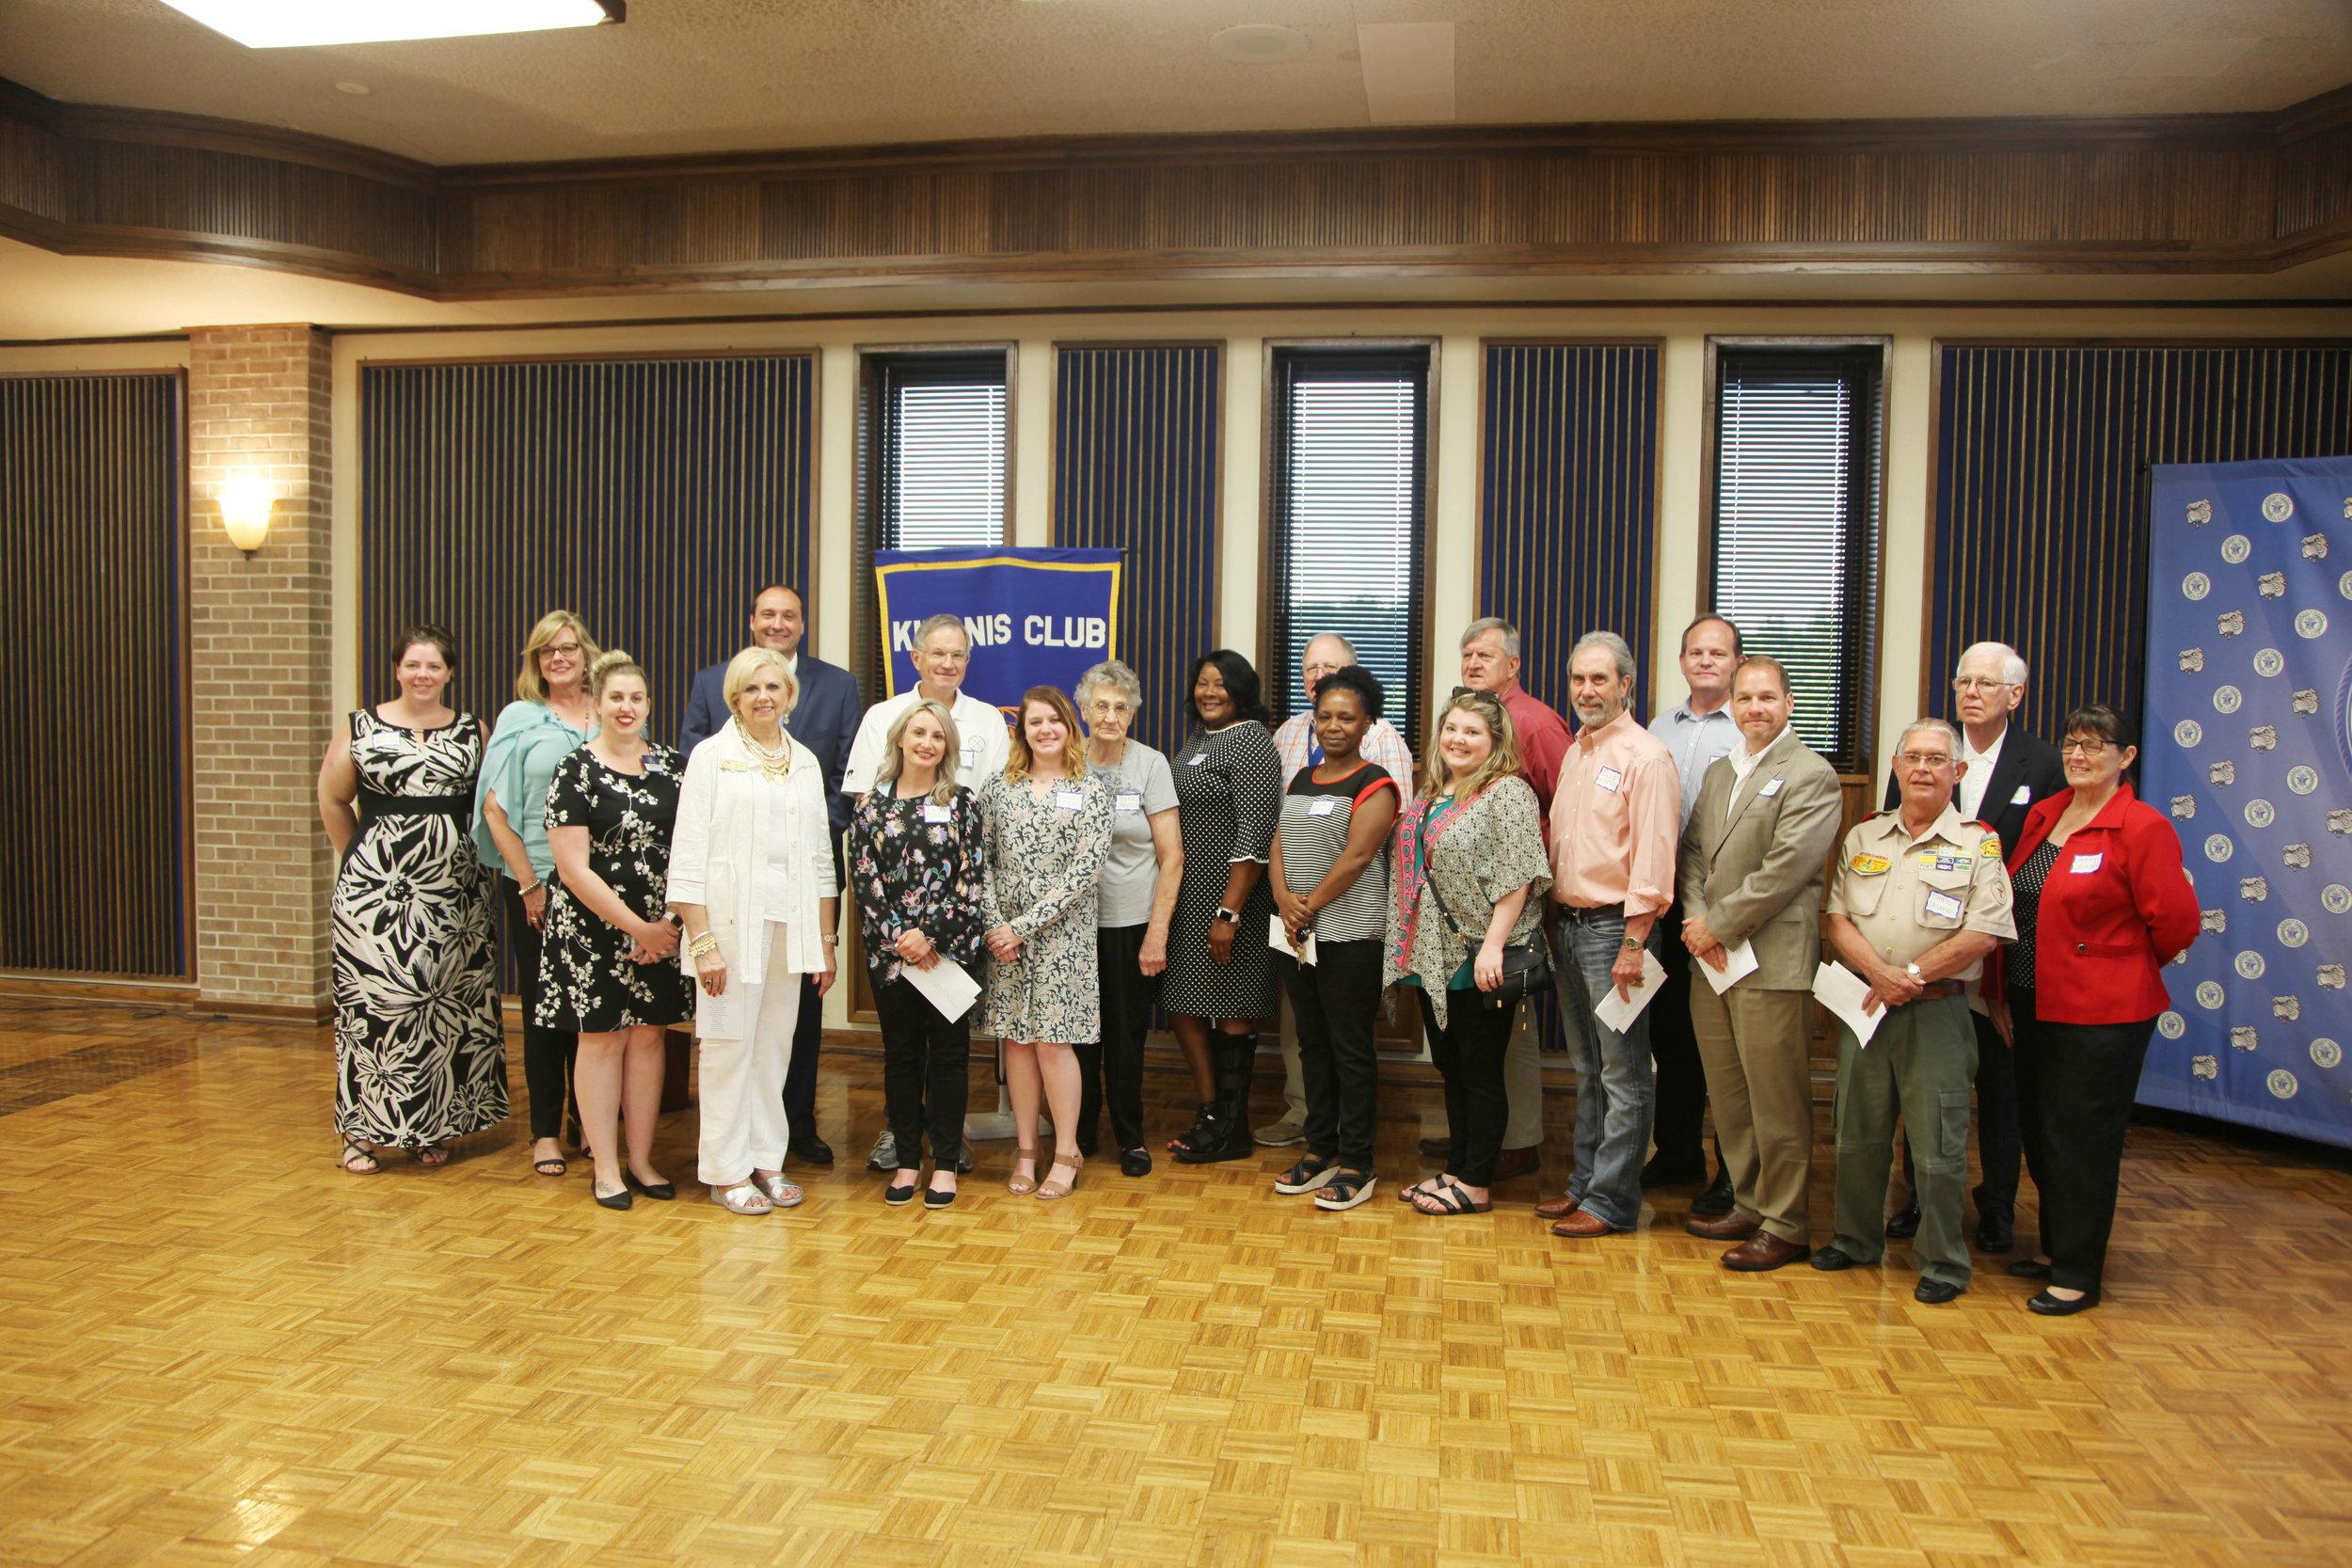 Kiwanis Club of Texarkana Awards Banquet